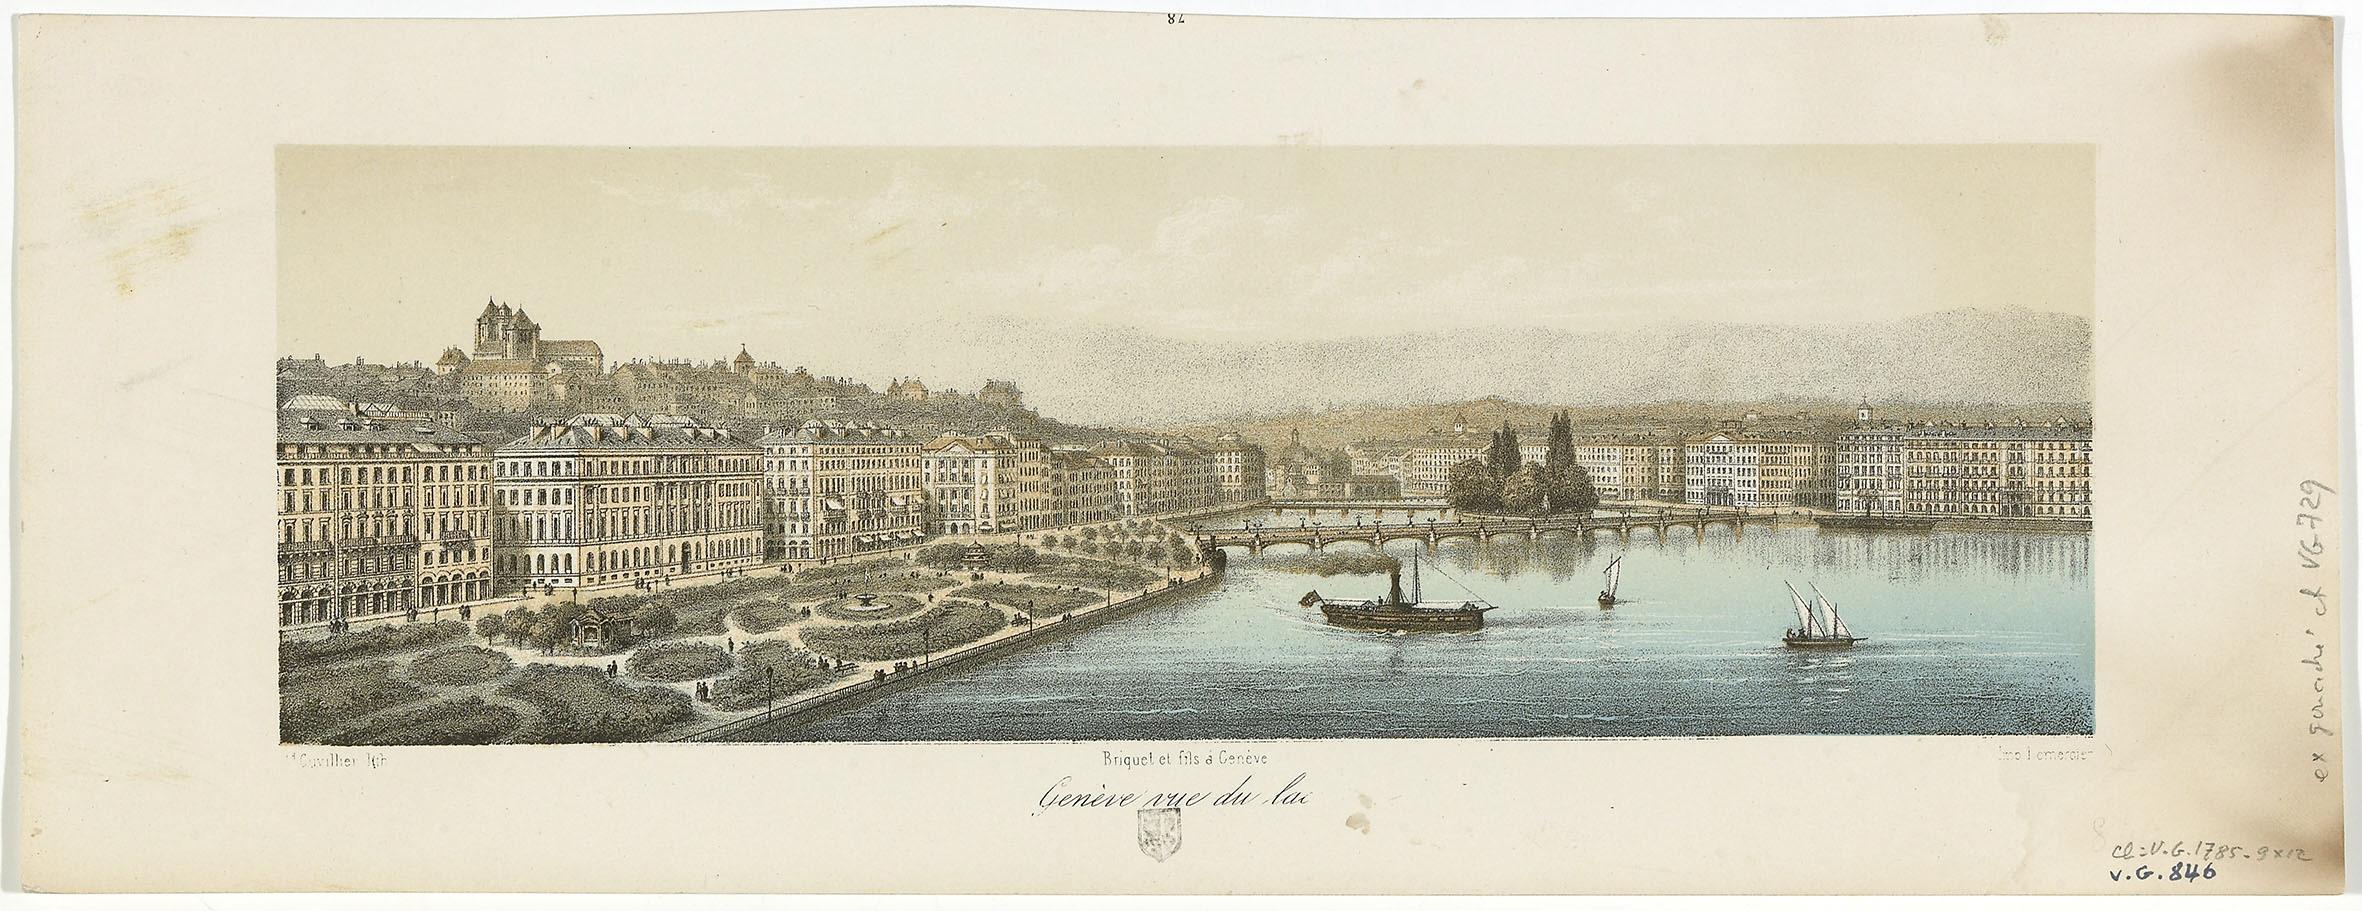 Genève, vue de la ville depuis le lac©BGE, Centre d'iconographie genevoise